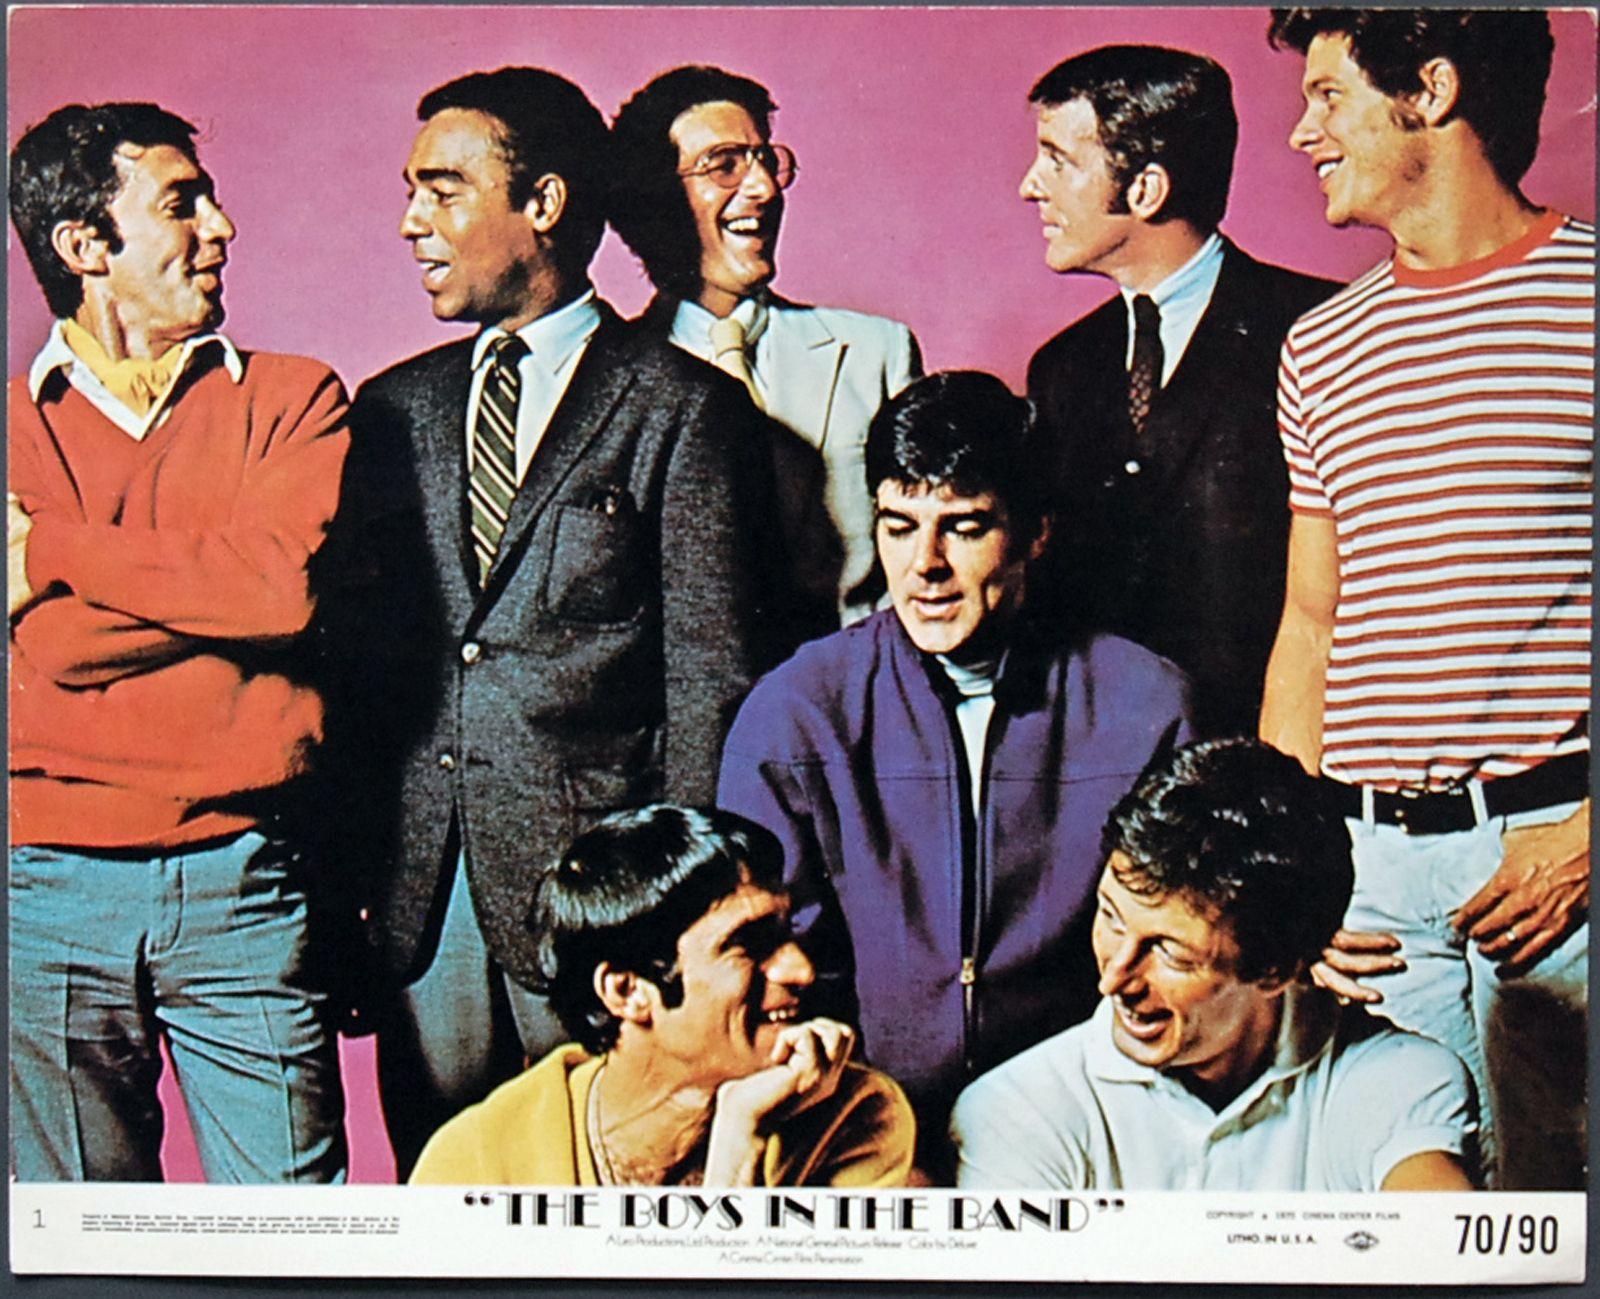 ボード「1970's gay fashion」のピン